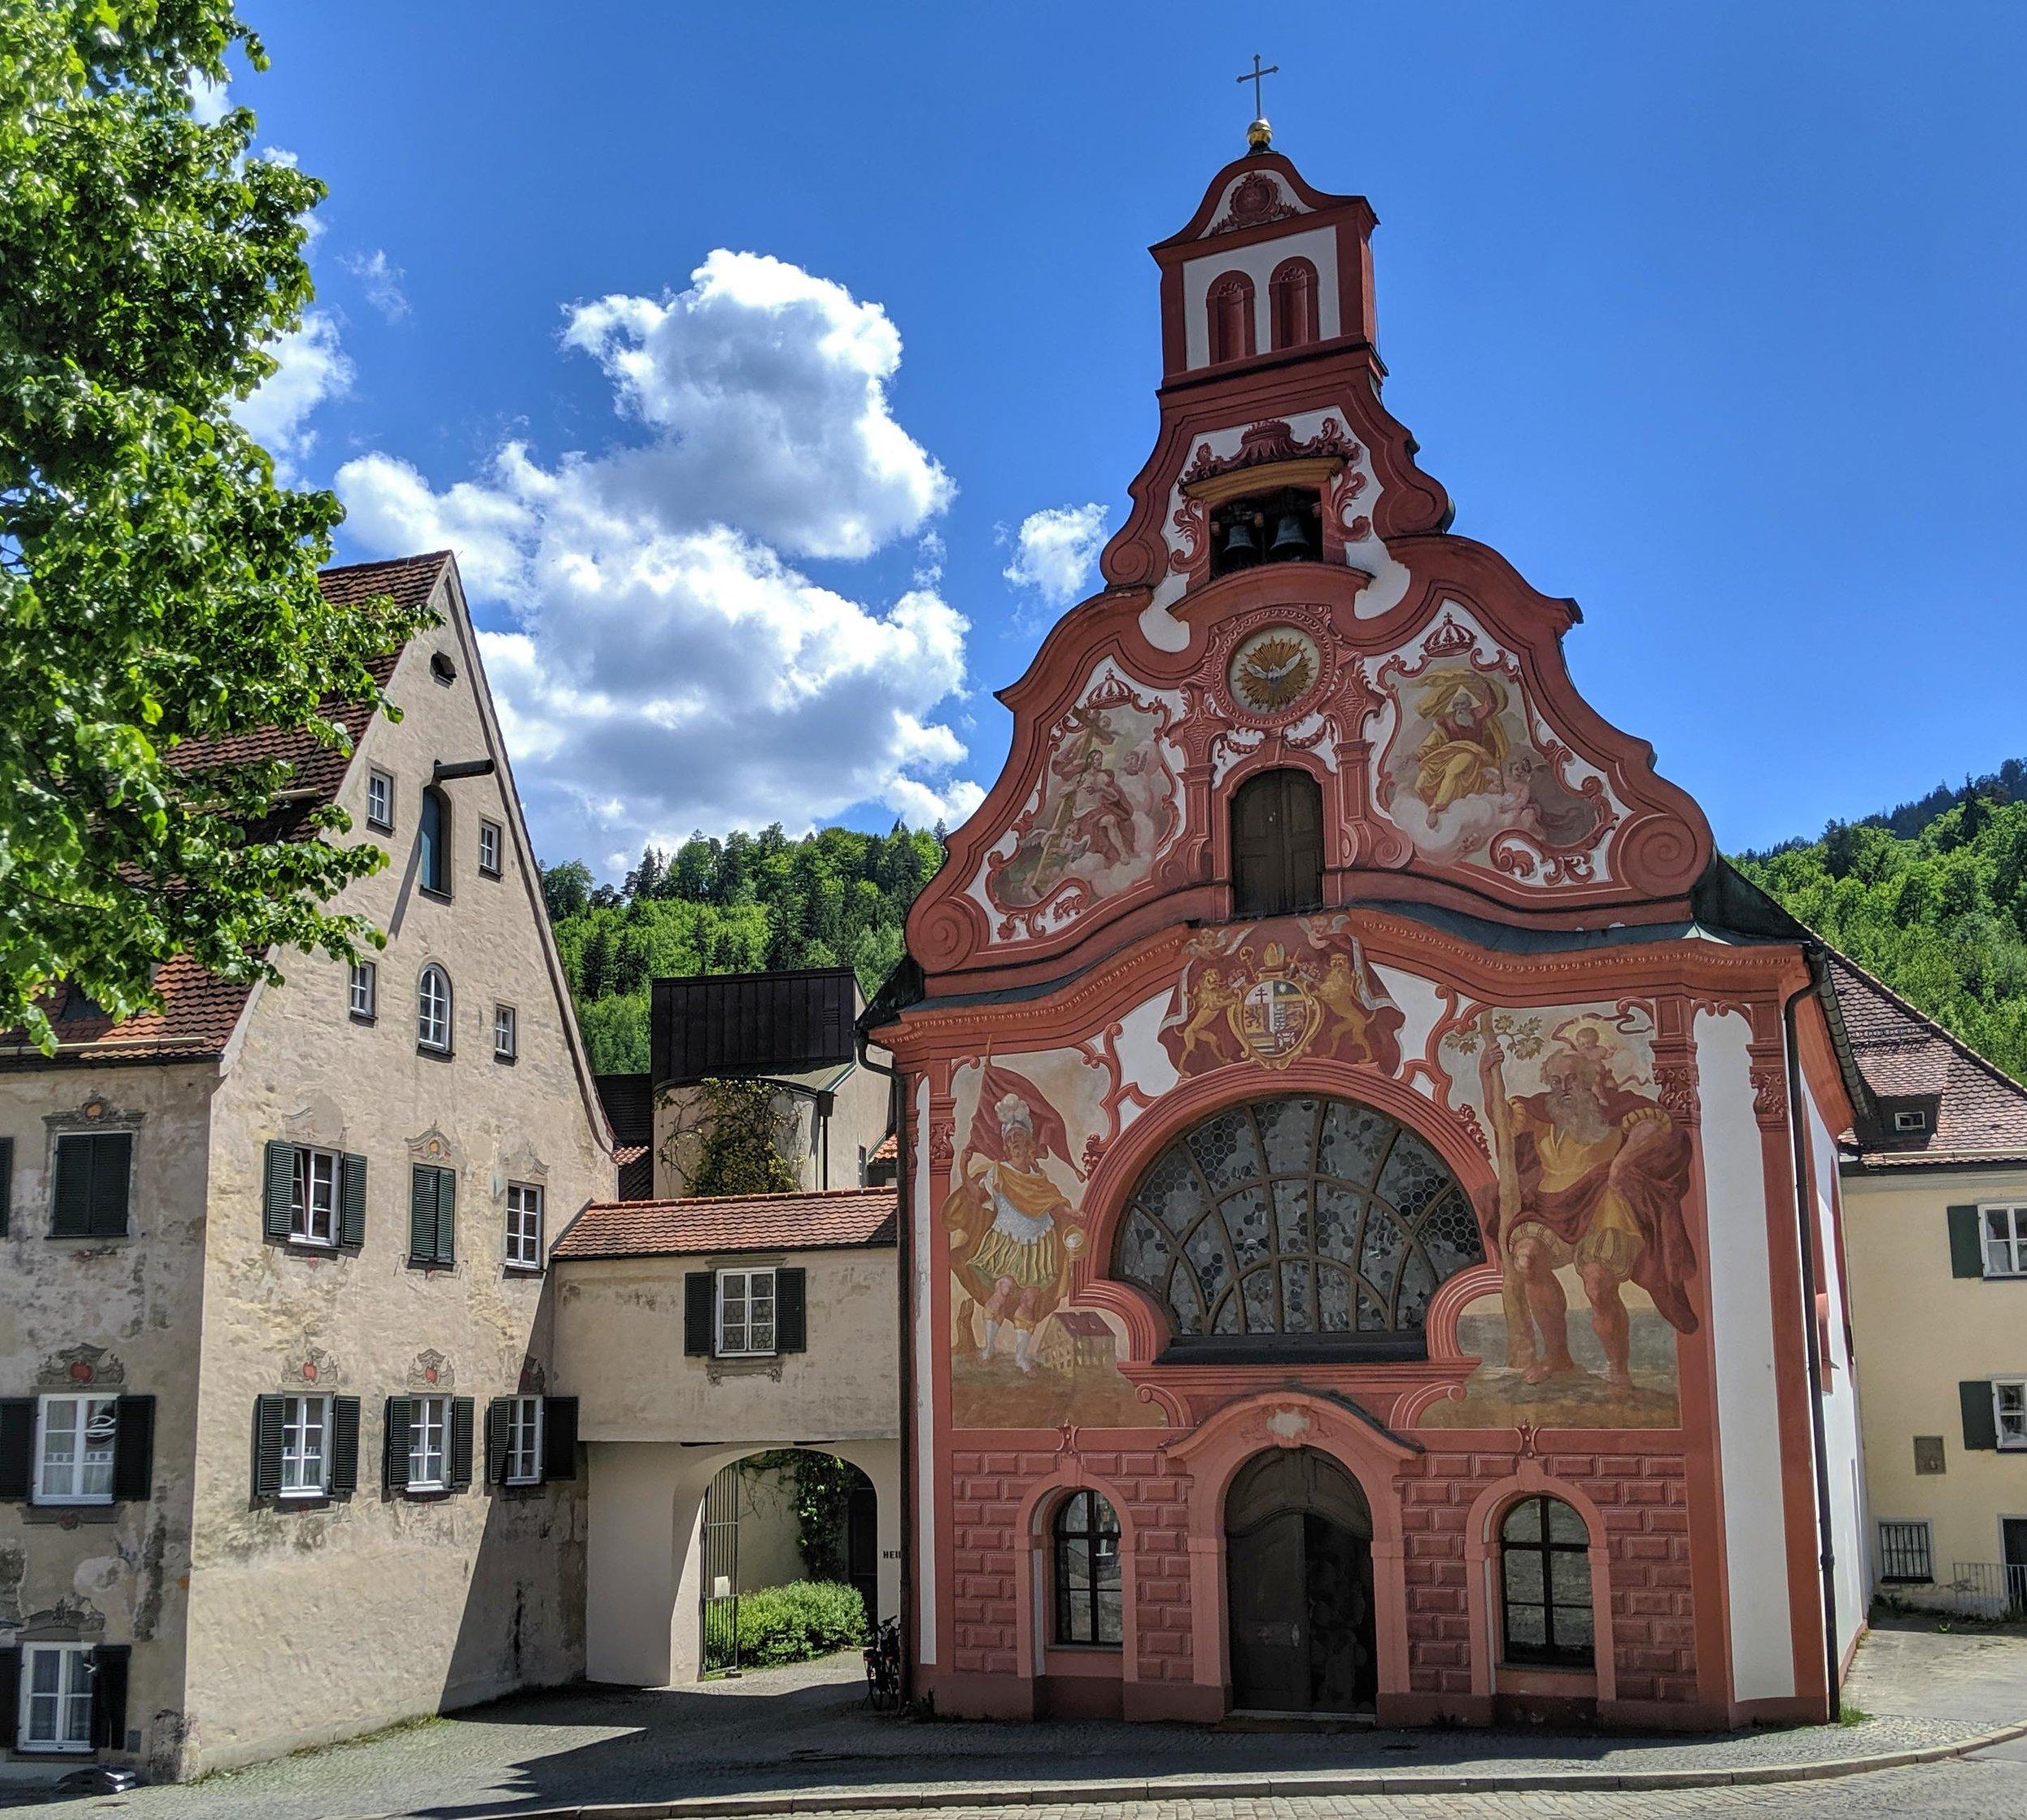 Pretty little church in Füssen